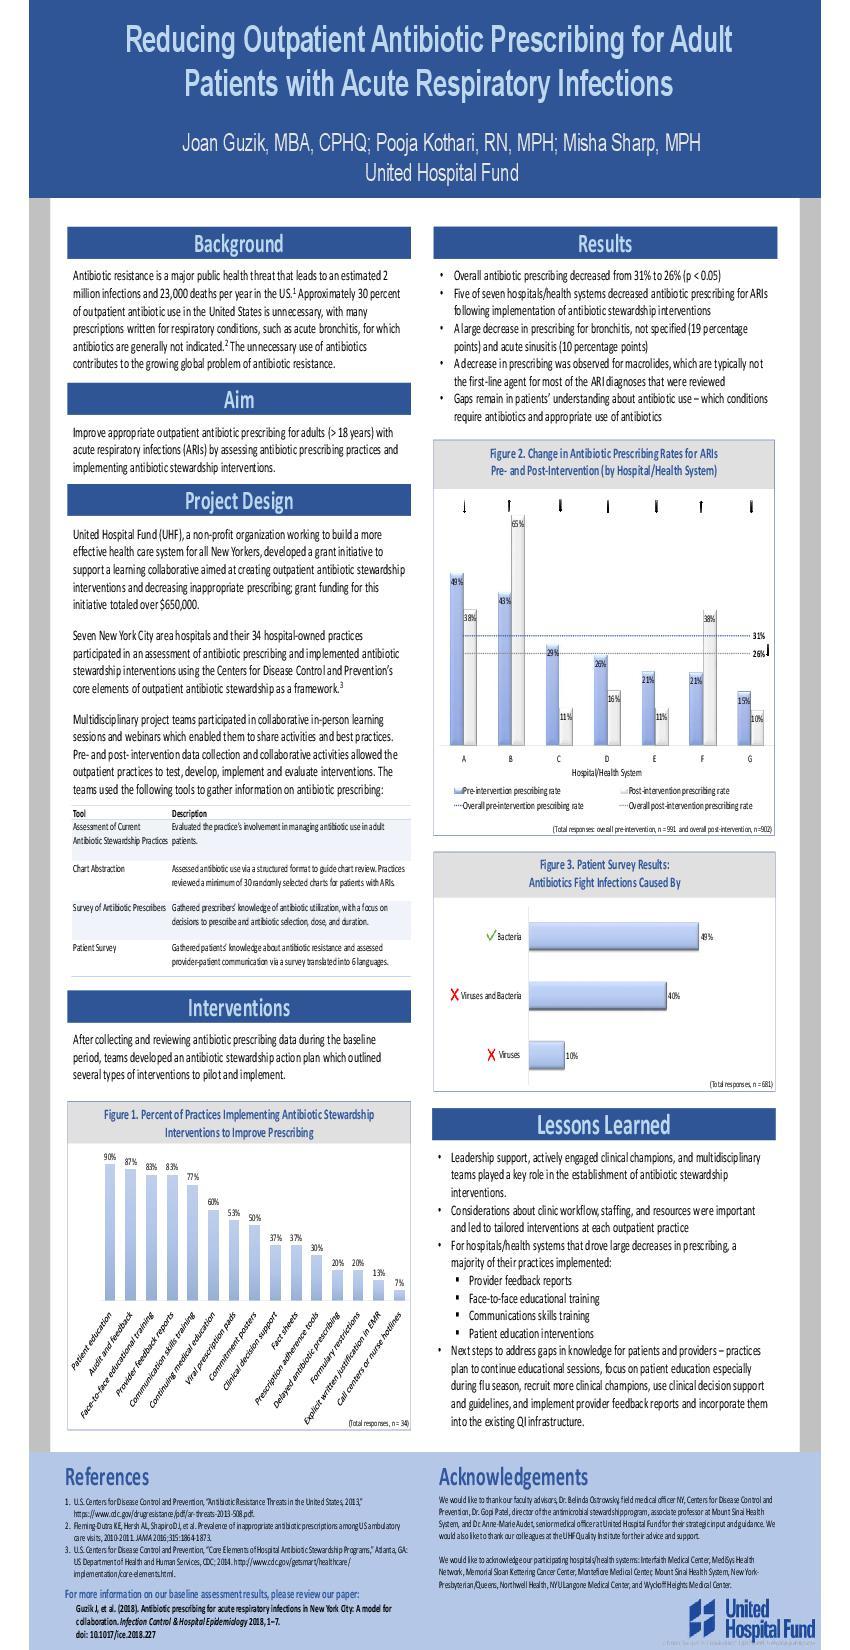 IHI PosterUHF Outpatient Antibiotic Stewardship IH